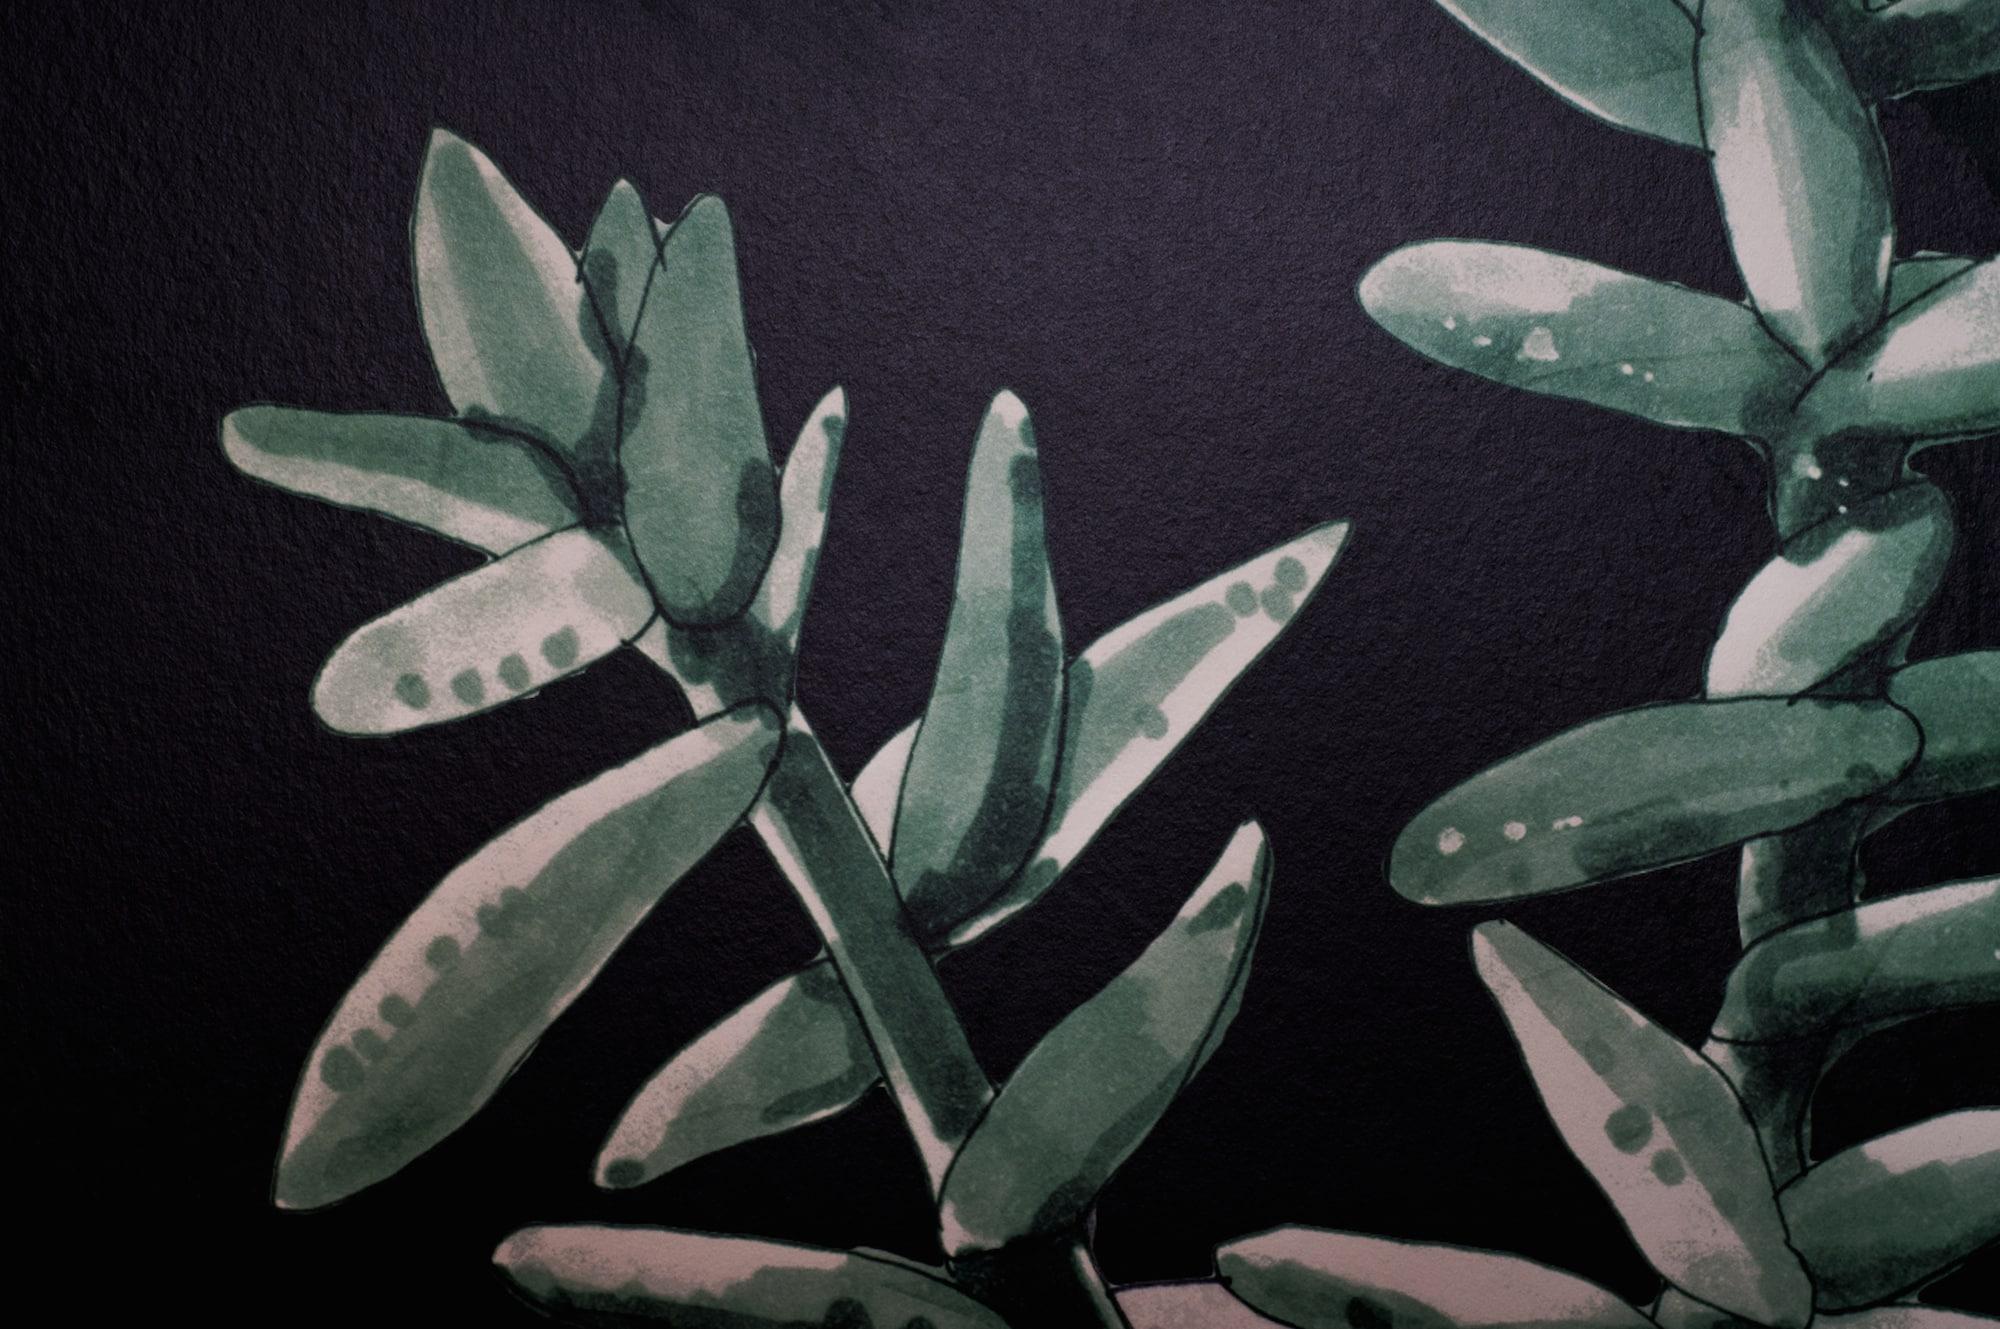 Papier peint Hexoa design cactus Capbreton